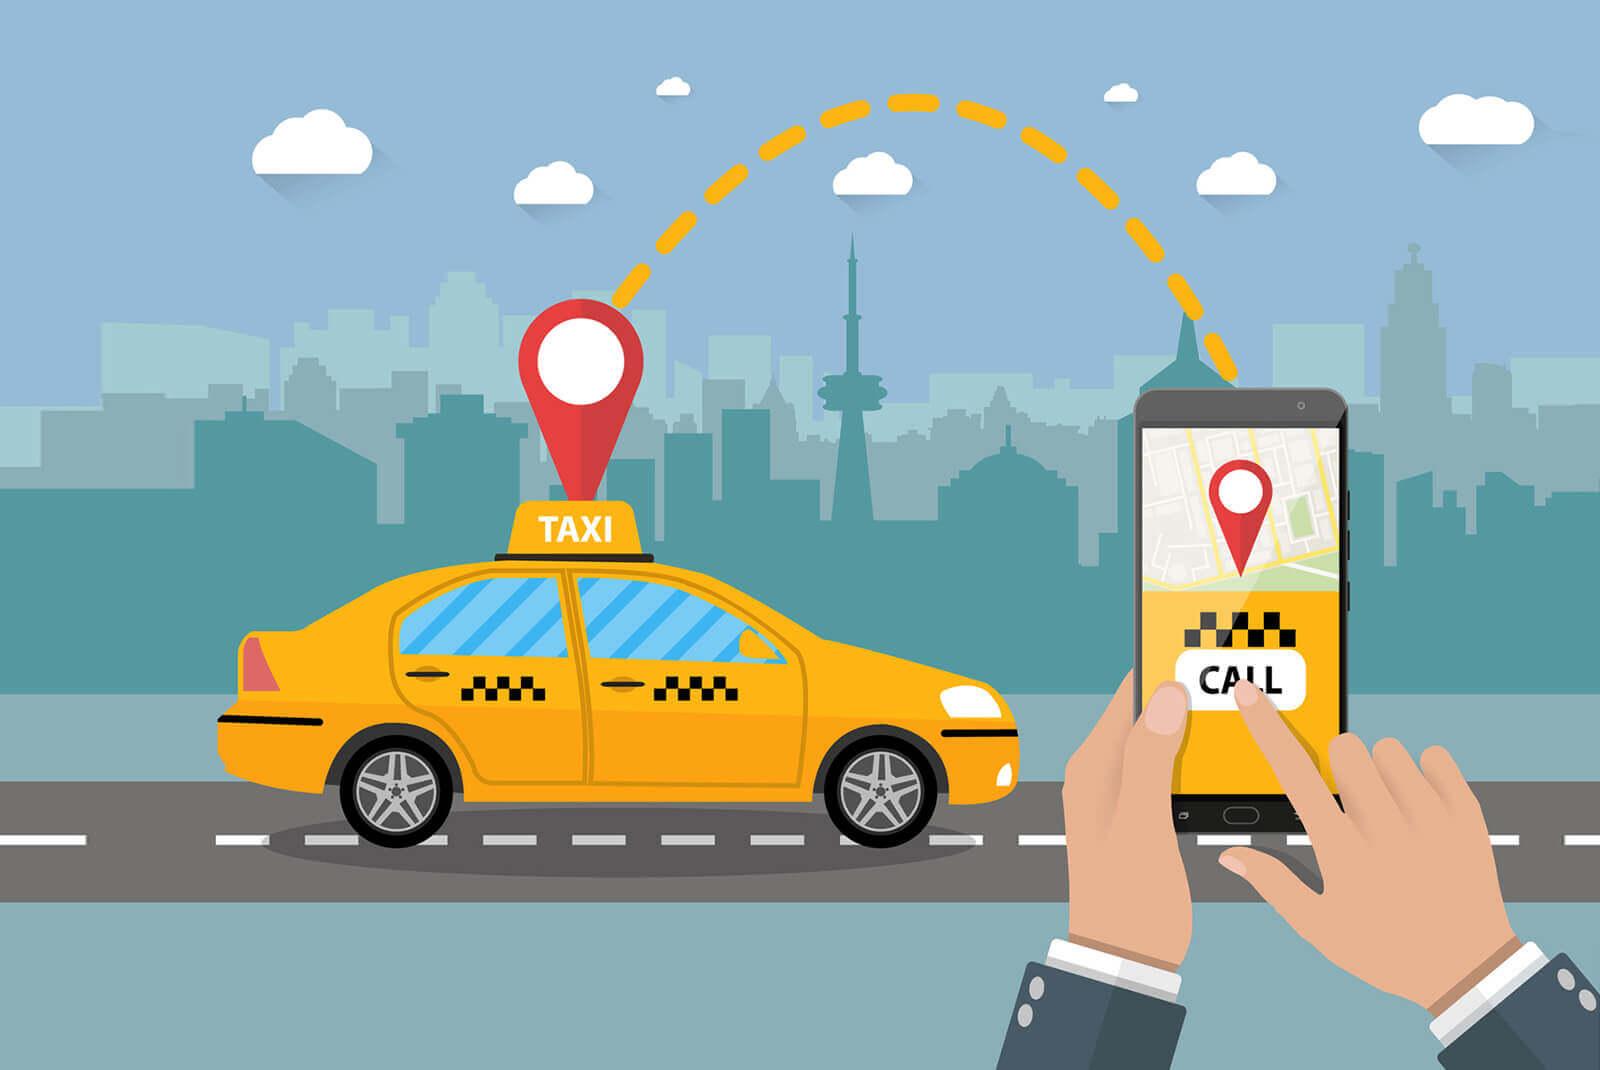 Impacto del IoT en la industria de los taxis